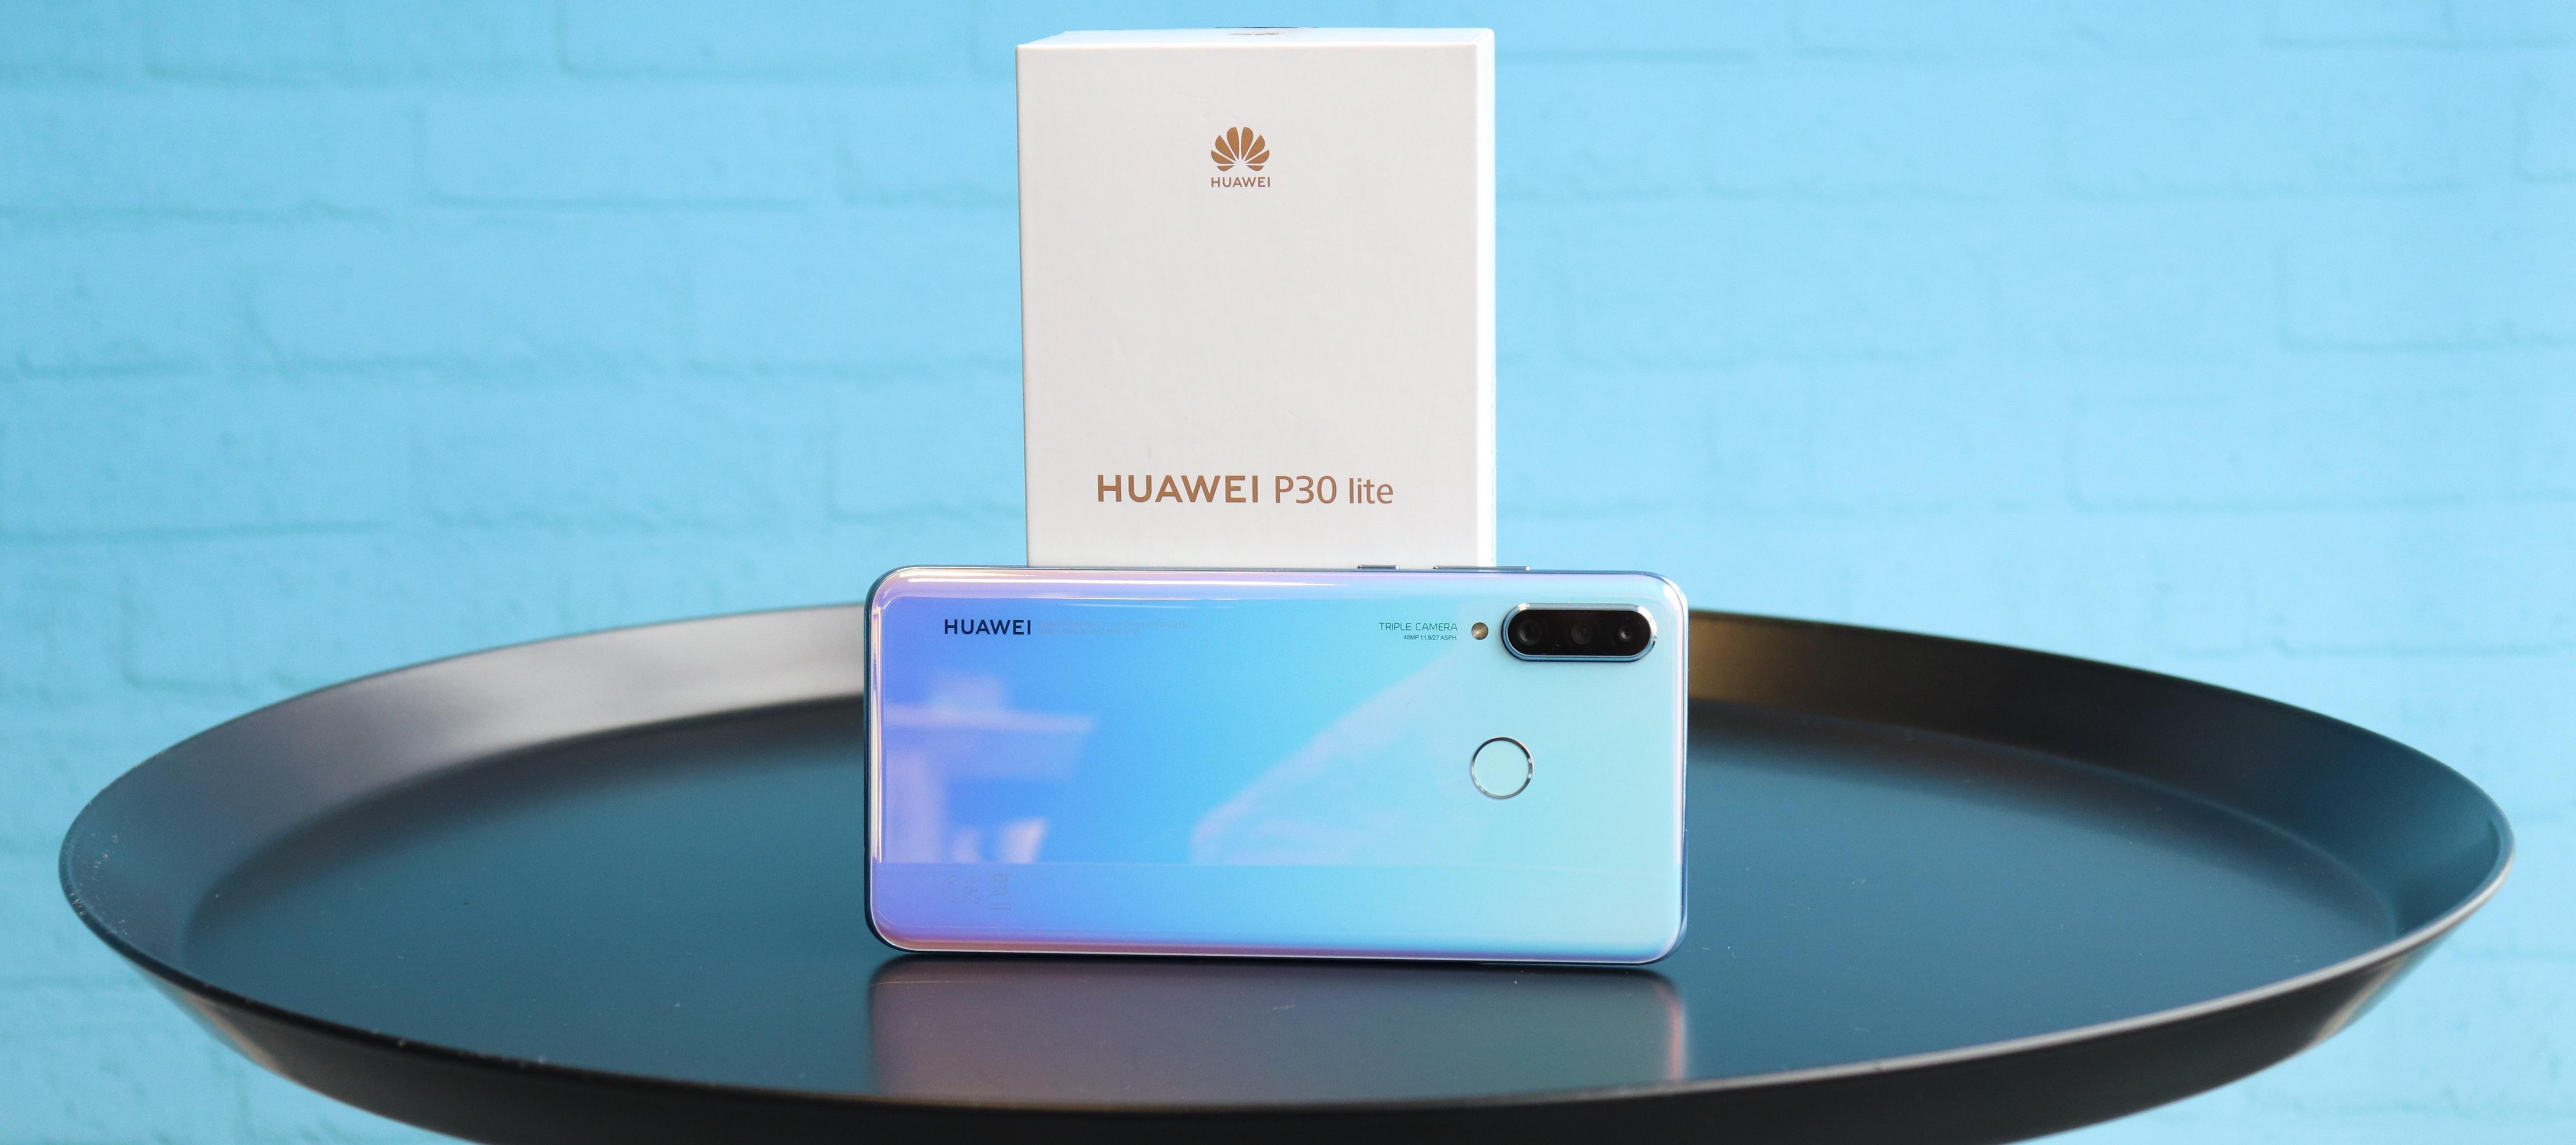 Huawei P30 lite Testgerät. Teste mit uns, was das Fotowunder so kann.